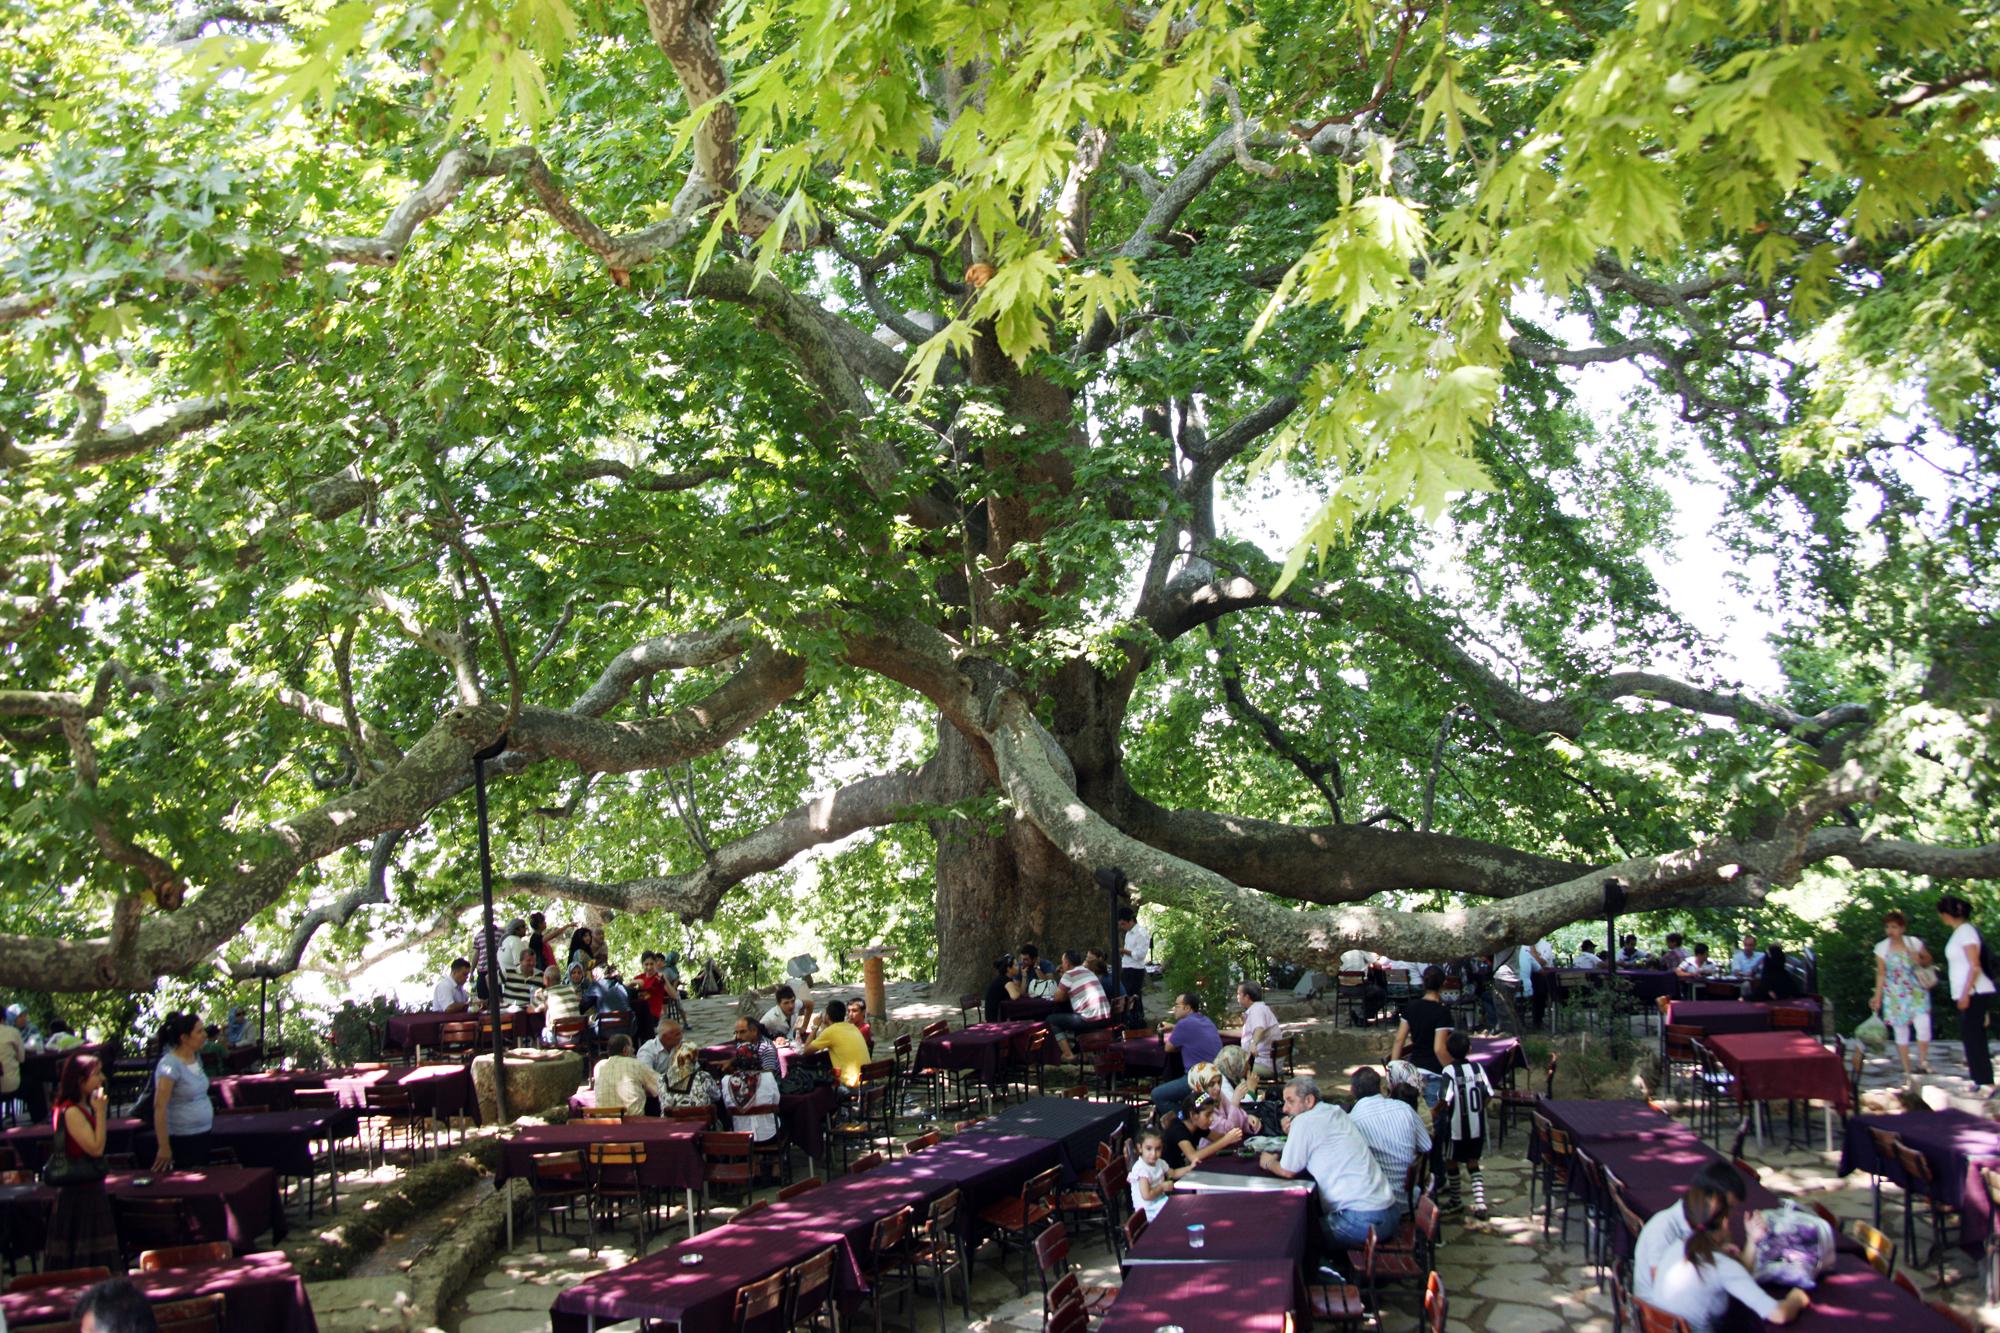 مدينة بورصة الخضراء تركيآ bntpal_1458398762_13